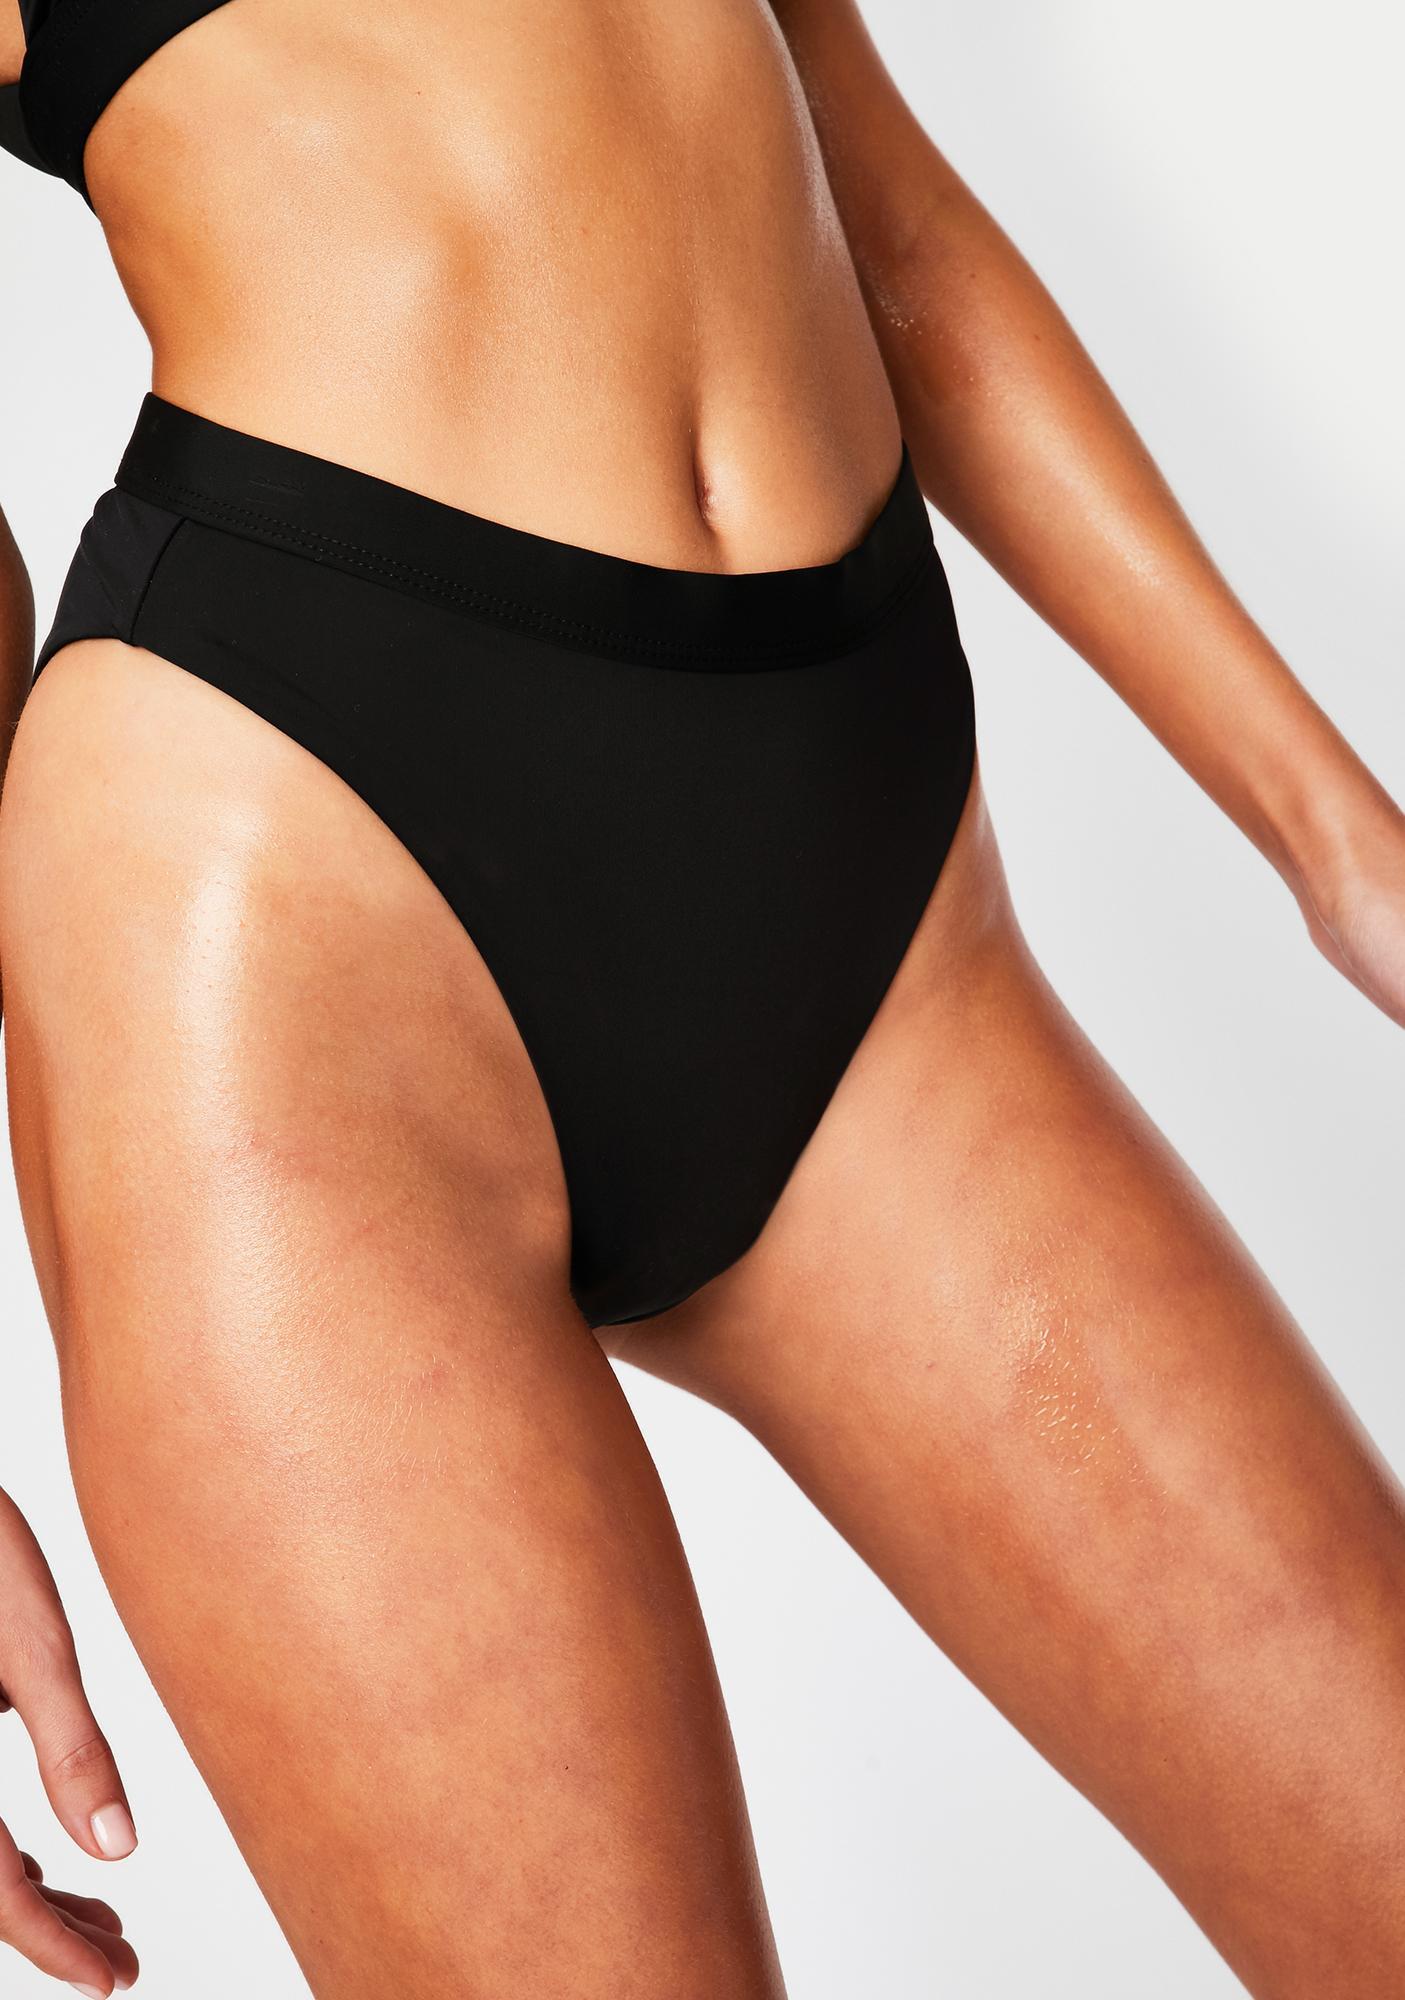 Dippin' Daisy's Ultra Bikini Bottoms